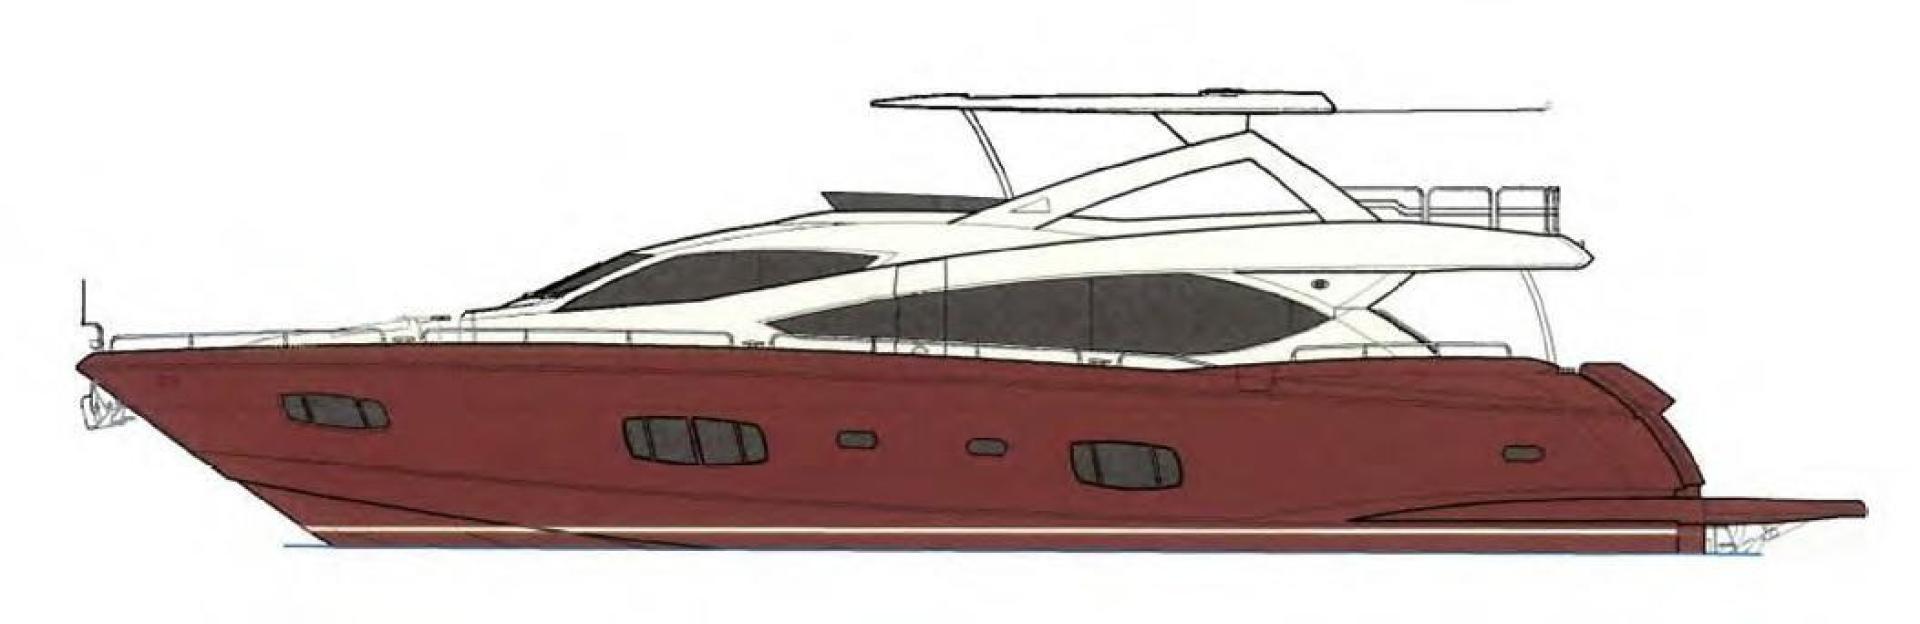 Sunseeker-Flybridge Motoryacht 2009-ANNABEL Mallorca-Spain-Profile Layout-902631 | Thumbnail